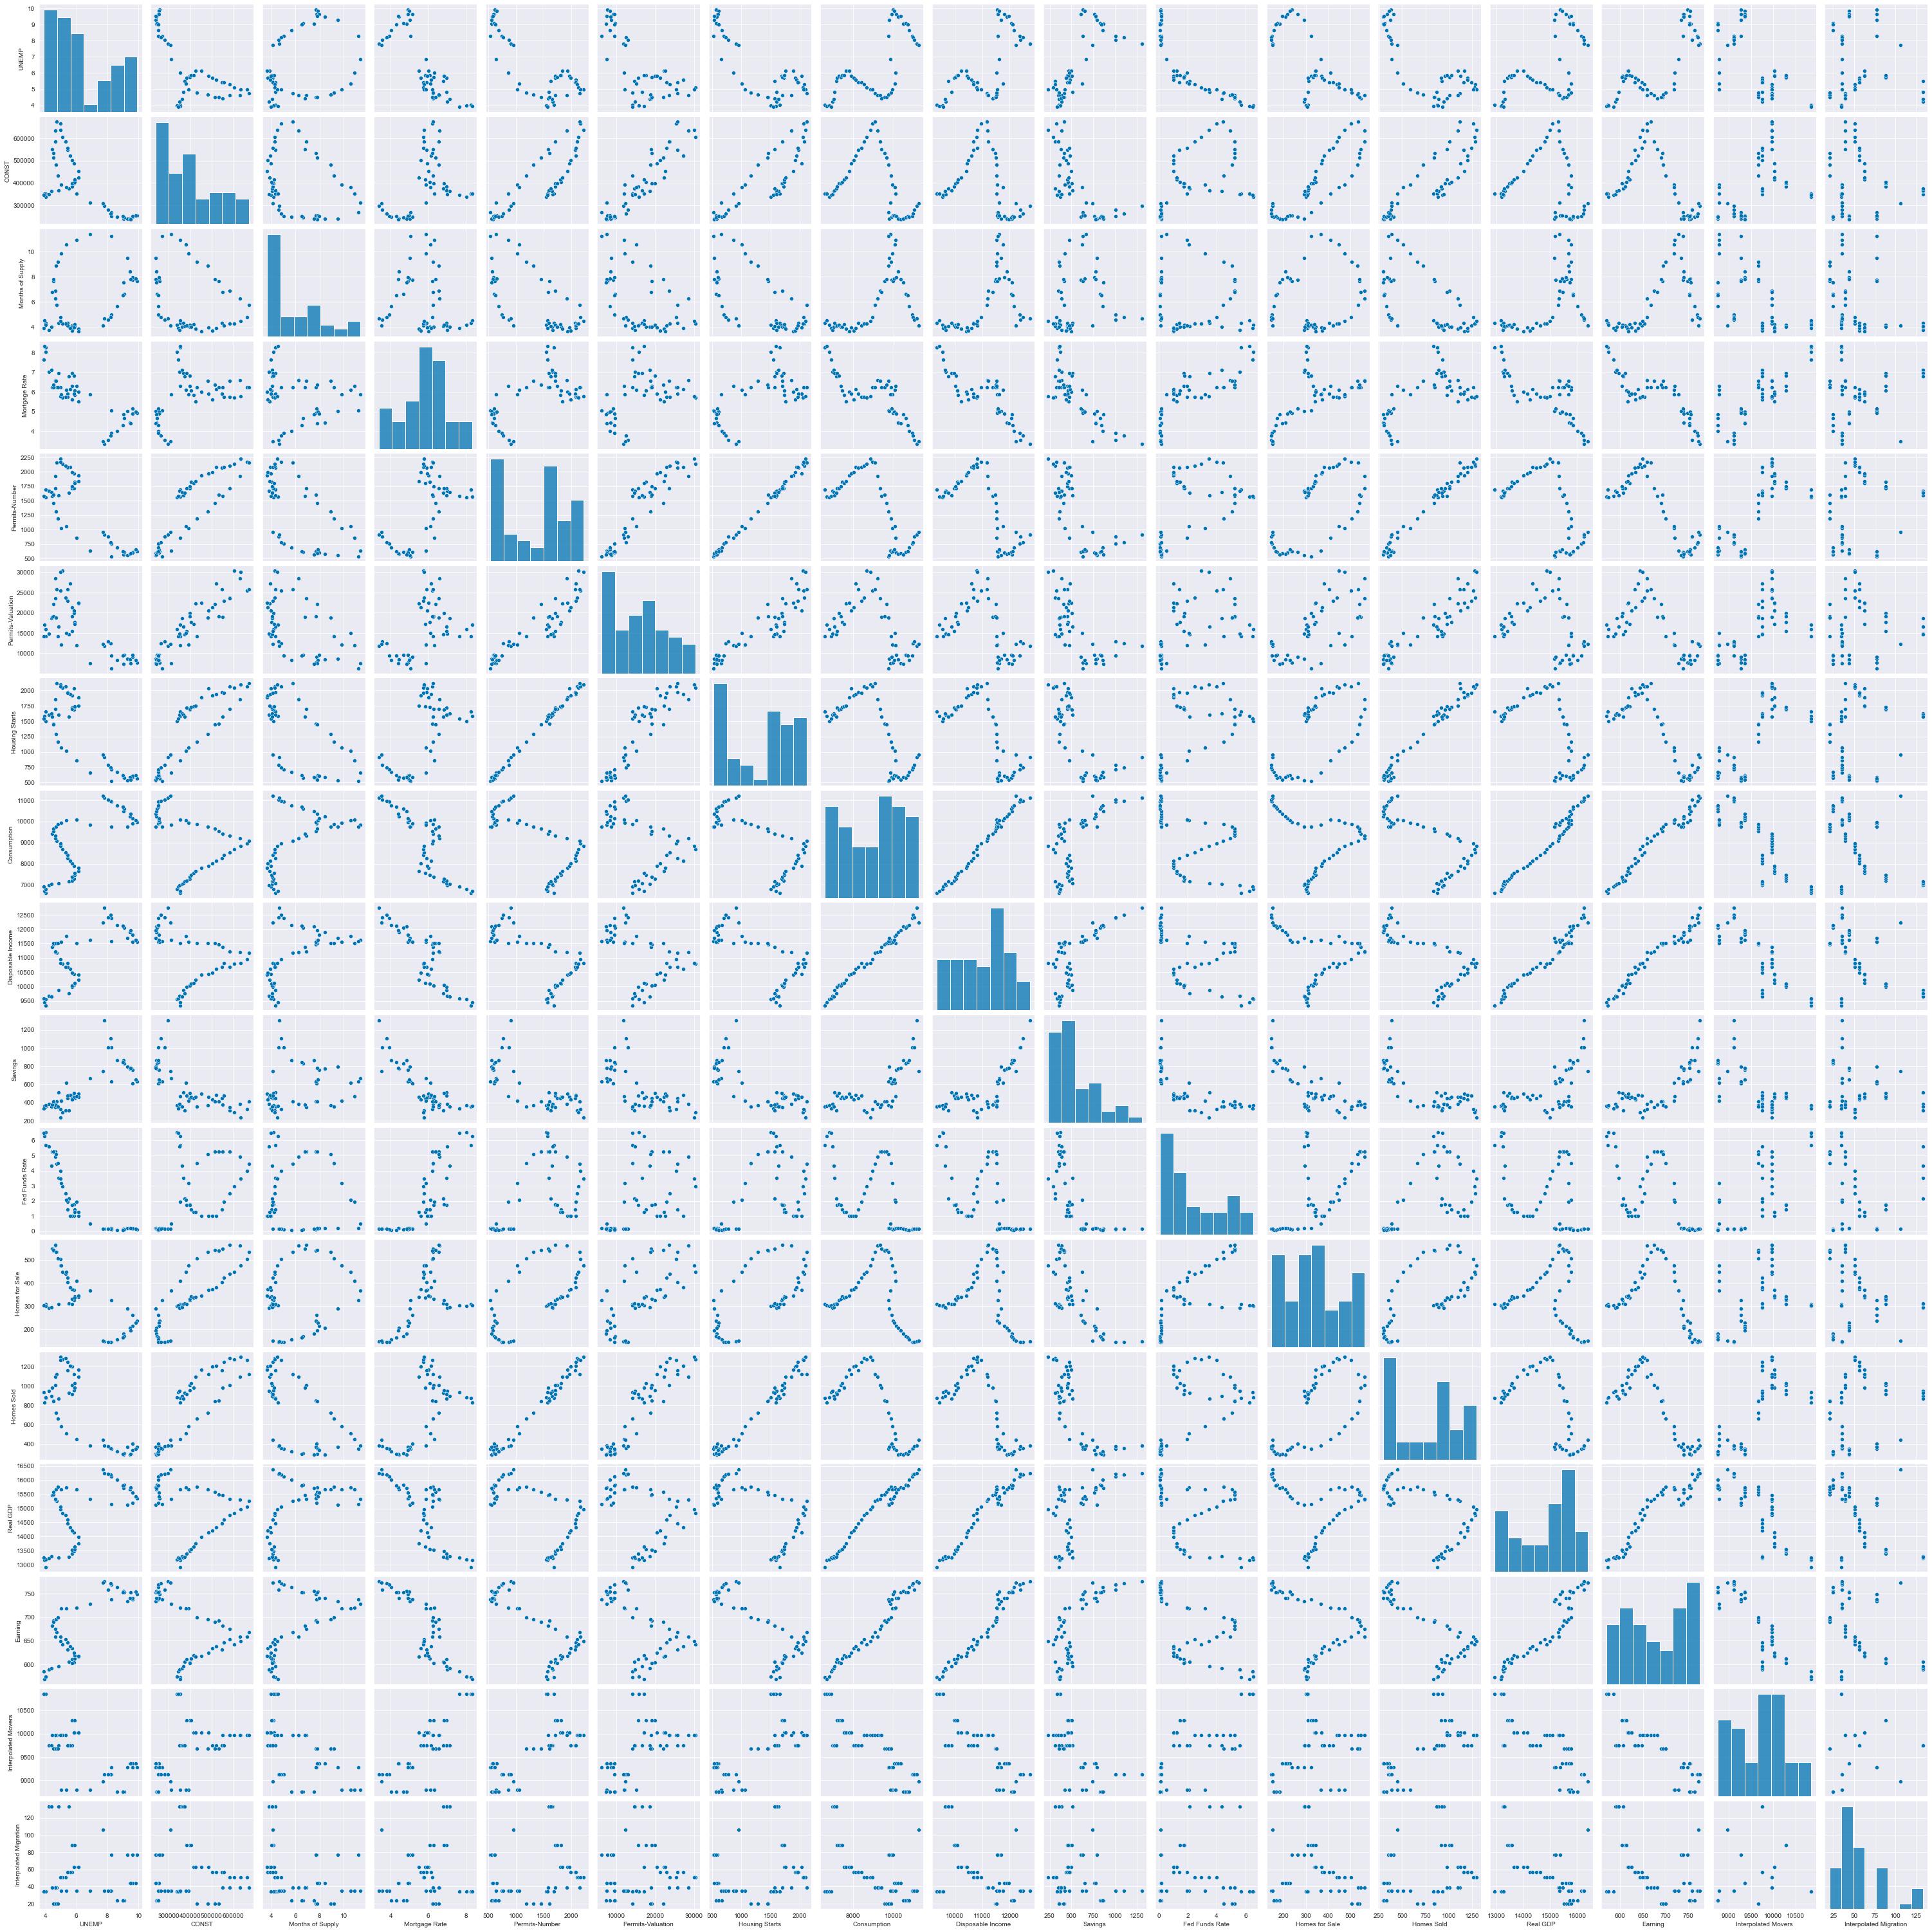 Set B: Pair plots of the variables